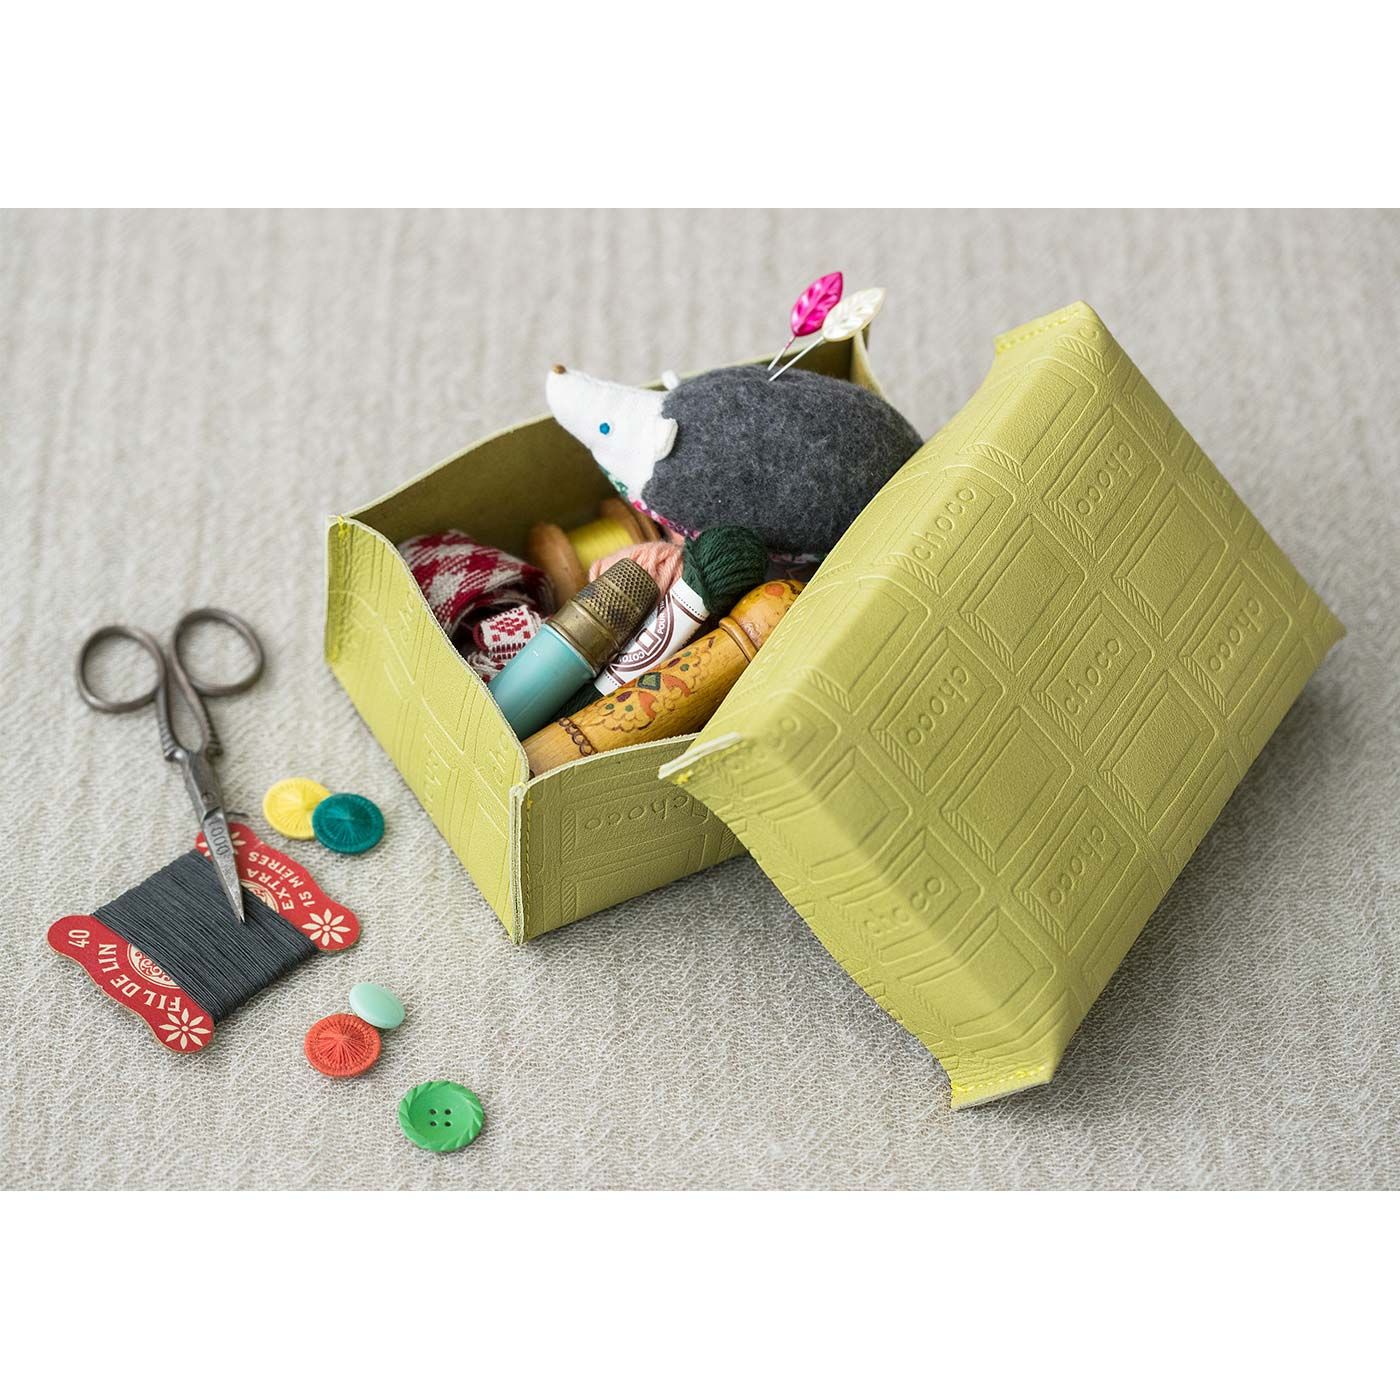 ボックス フレッシュなライムカラーのレザーボックスは、お裁縫道具やアクセ、ステーショナリーの収納など用途いろいろ。 ■サイズ/ボックス:縦約9cm、横約13.5cm、高さ約5cm ふた:縦約9cm、横約14cm、高さ約3cm